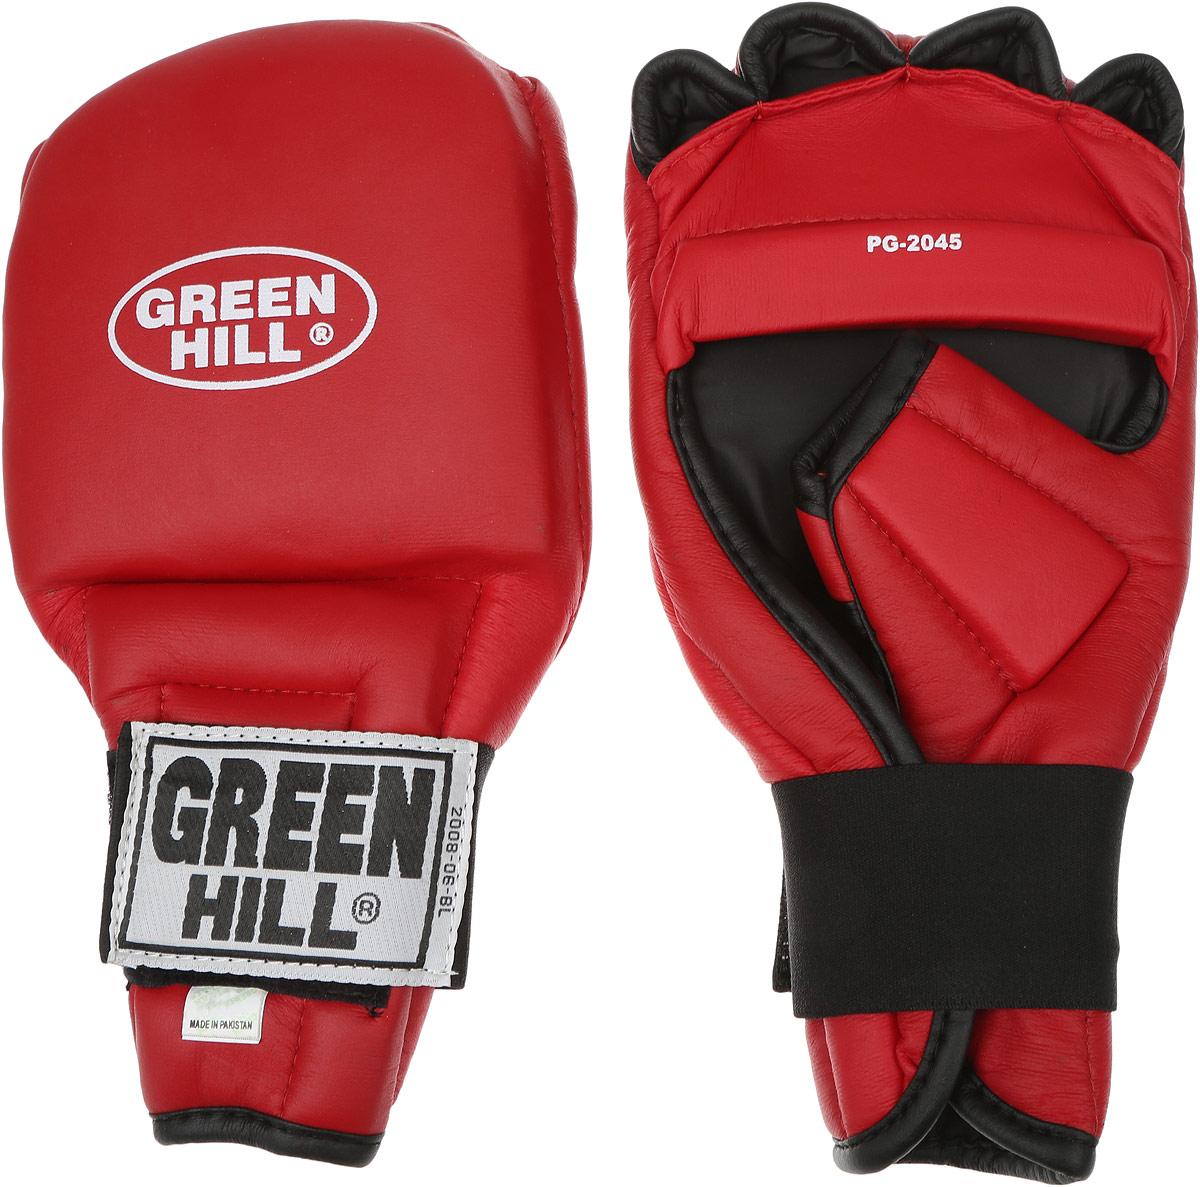 Перчатки для рукопашного боя Green Hill, цвет: красный, черный. Размер XL. PG-2045 перчатки для рукопашного боя green hill цвет черный размер xl pg 2045